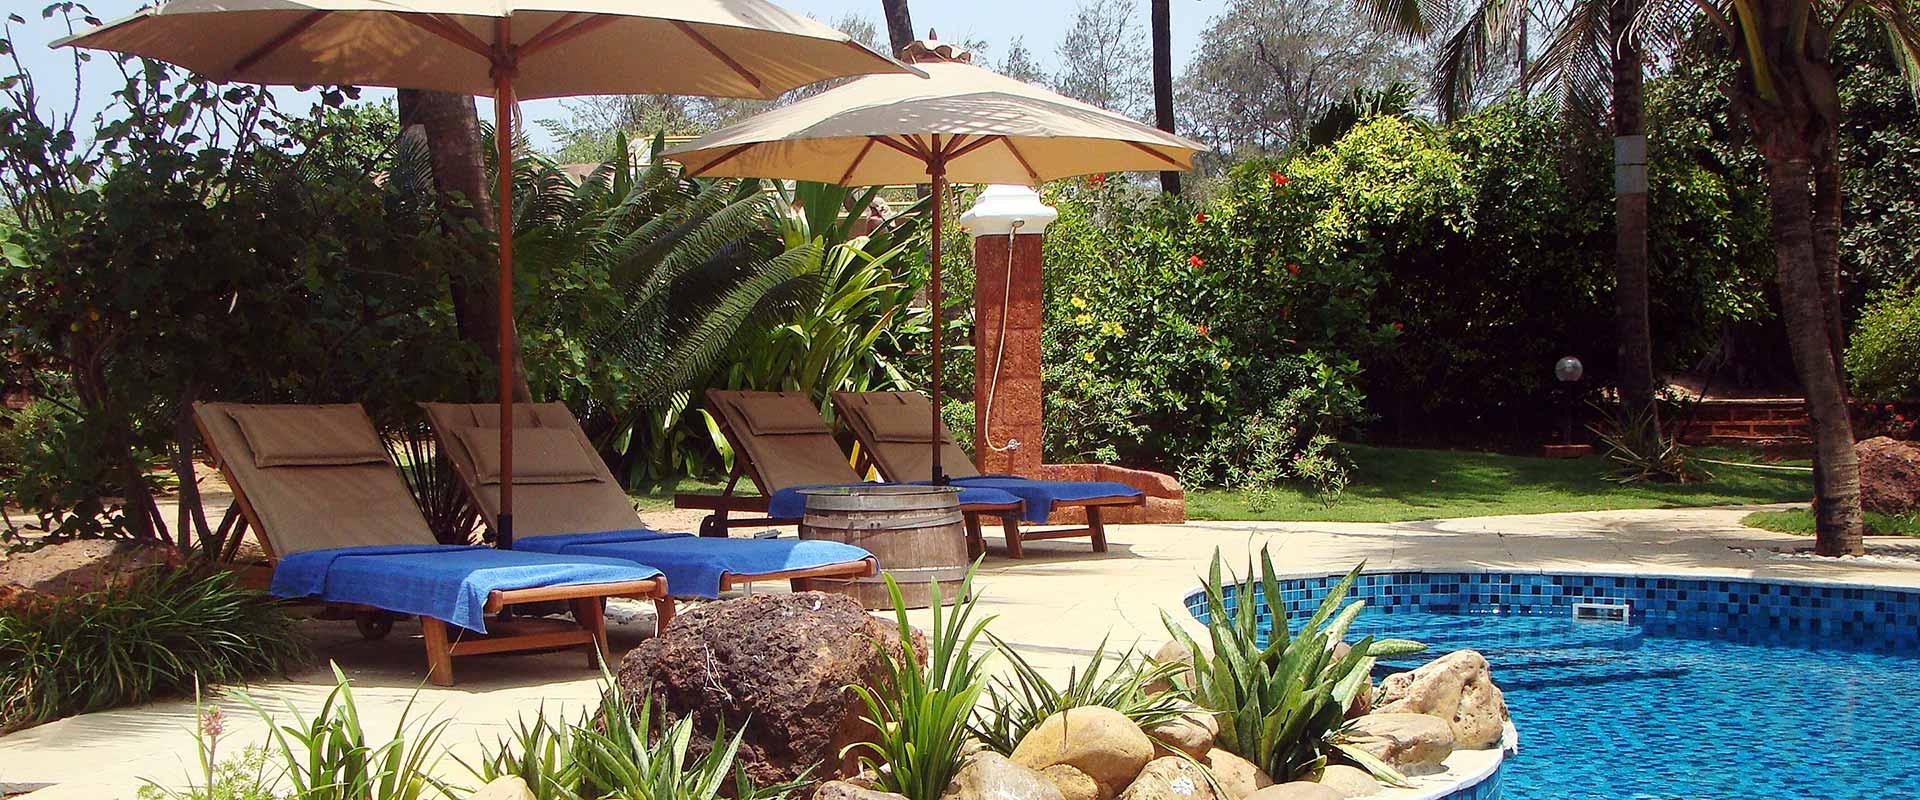 Rockheart Goa – Poolside